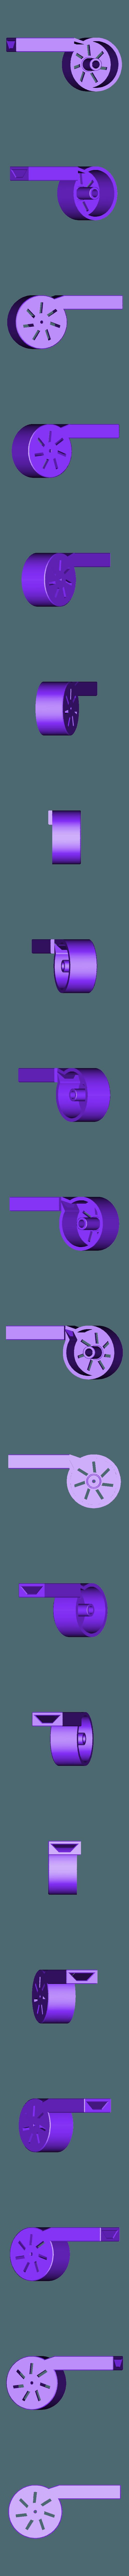 Whistle_BodyNoUpperHole.stl Télécharger fichier STL gratuit Sifflets avec turbine, jeu STEM • Modèle pour imprimante 3D, LGBU